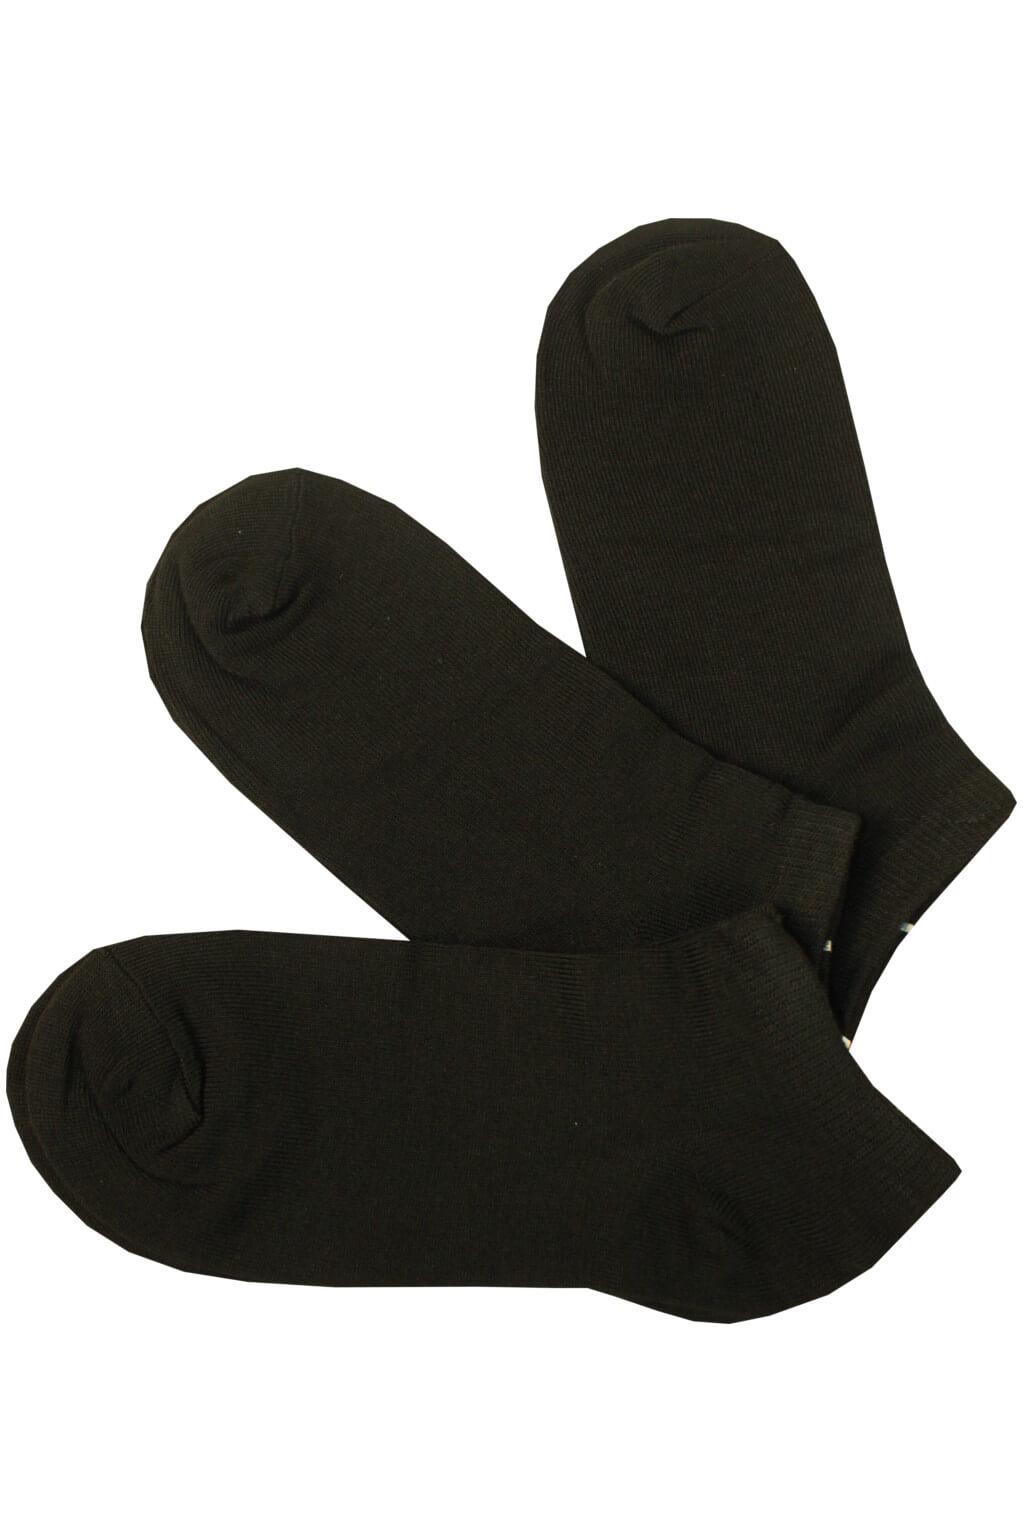 Dámské nízké ponožky - 3páry SY150C 38-42 černá